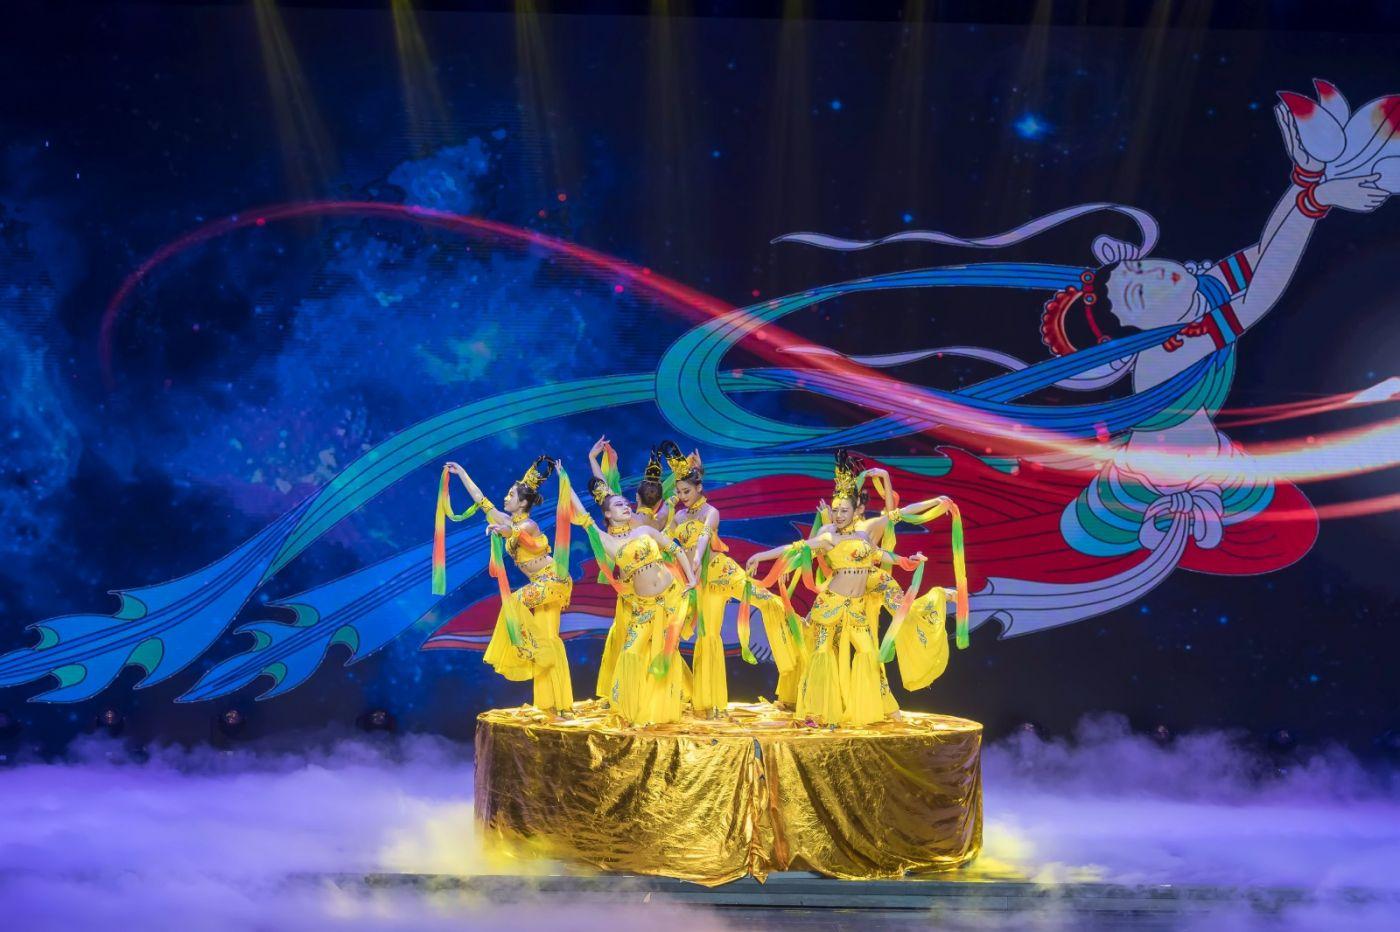 沂蒙大地上 有一种舞蹈叫飞天 这是几位临沂女孩的杰作 美轮美奂 ..._图1-57